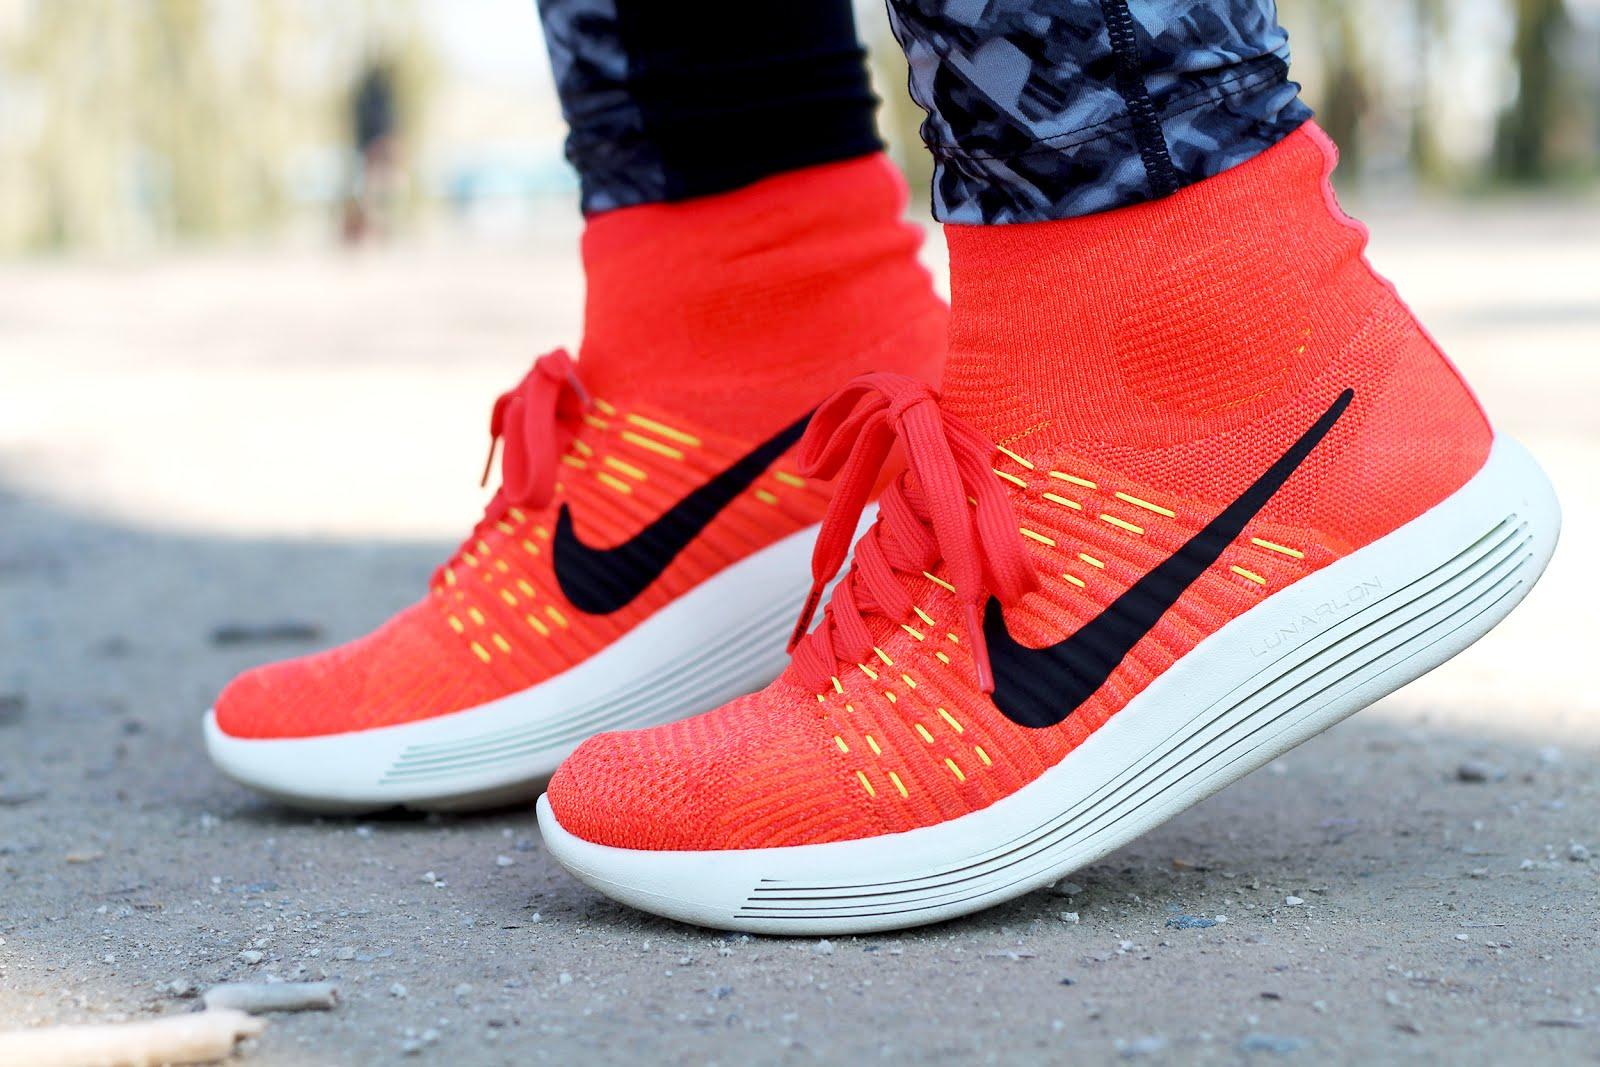 LunarEpic Nike